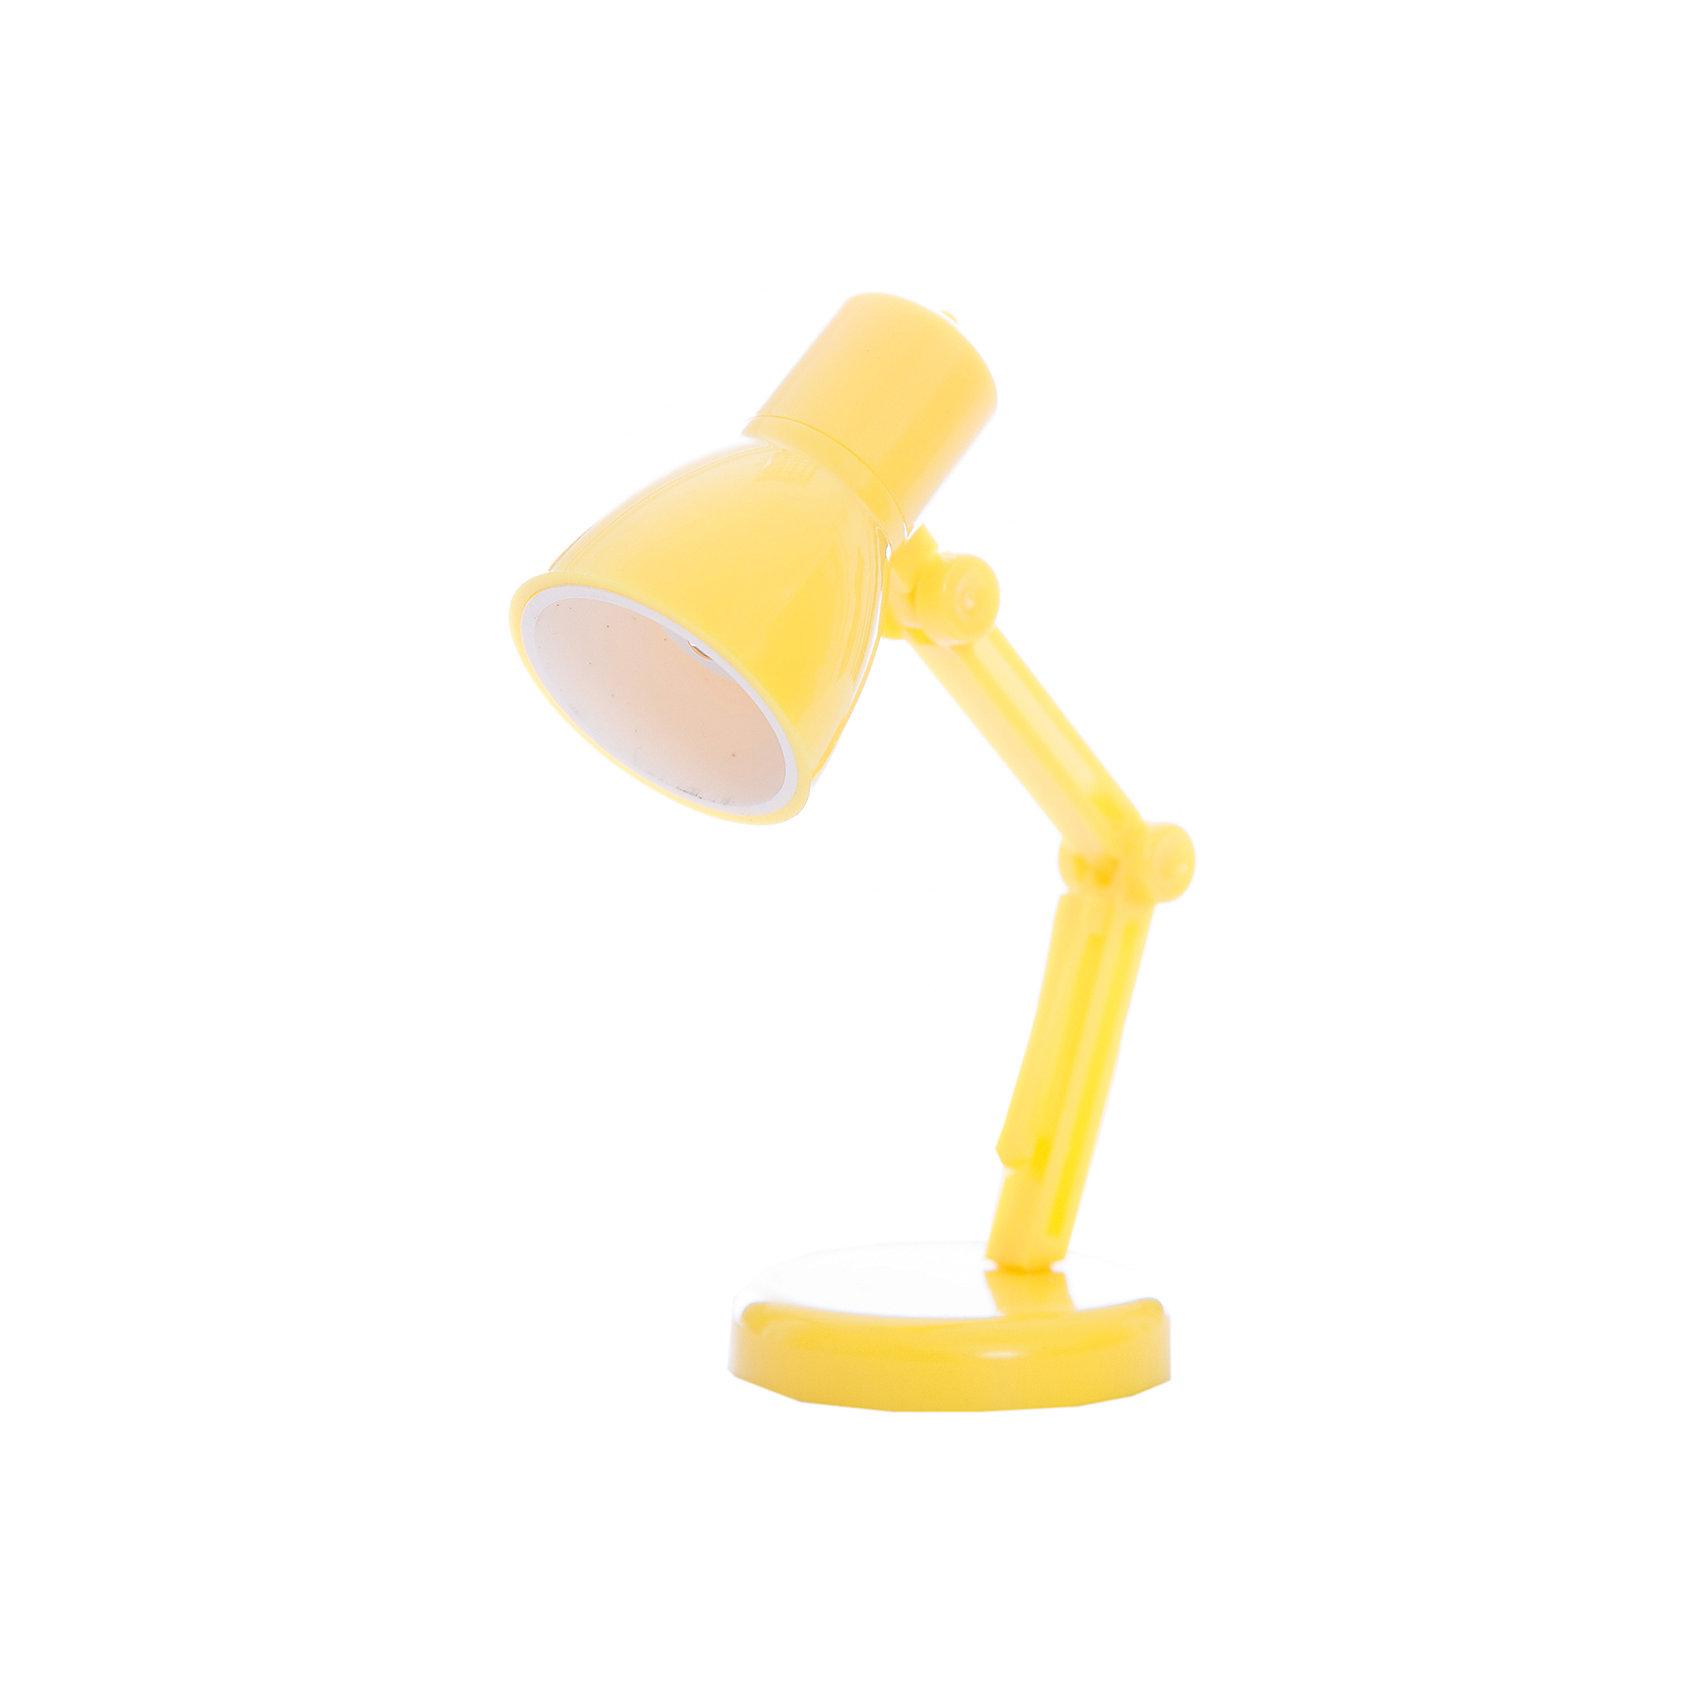 Фонарь портативный Минилампа желтая электрический со светодиодной лампой, Феникс-ПрезентЛампы, ночники, фонарики<br>Фонарь портативный Минилампа желтая электрический со светодиодной лампой, Феникс-Презент<br><br>Характеристики:<br><br>• компактный фонарик со светодиодной лампой<br>• размер: 12х4,6 см<br>• корпус из АБС пластика<br>• светодиодная лампа DIA 5 мм<br>• питание: батарейка AG 10 - 3 шт.<br>• цвет: желтый<br><br>С портативным фонариком Минилампа желтый вы сможете найти потерянные предметы или даже почитать в темноте. Компактный размер позволяет брать фонарик с собой. При этом светодиодные лампы обладают достаточной мощностью для полноценного освещения. Корпус изделия изготовлен из ударопрочного пластика. Фонарик выполнен в виде лампы.<br><br>Фонарь портативный Минилампа желтый электрический со светодиодной лампой, Феникс-Презент можно купить в нашем интернет-магазине.<br><br>Ширина мм: 50<br>Глубина мм: 60<br>Высота мм: 120<br>Вес г: 56<br>Возраст от месяцев: 36<br>Возраст до месяцев: 2147483647<br>Пол: Унисекс<br>Возраст: Детский<br>SKU: 5449687